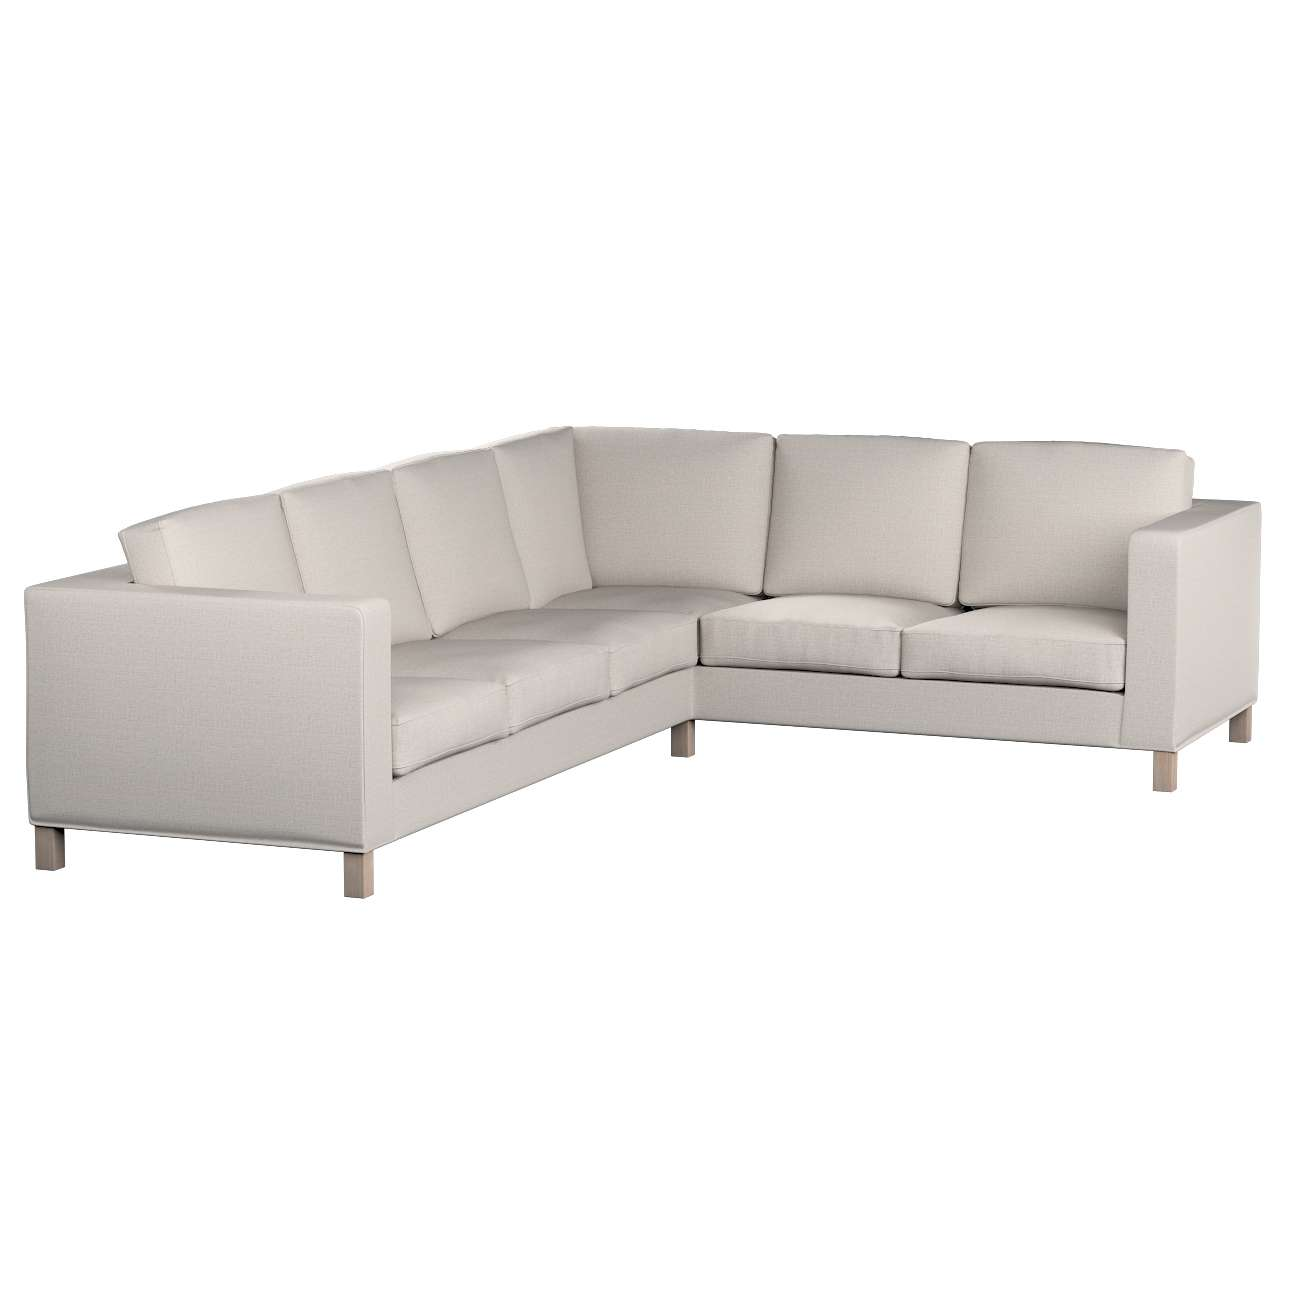 Pokrowiec na sofę narożną lewostronną Karlanda w kolekcji Living II, tkanina: 161-00